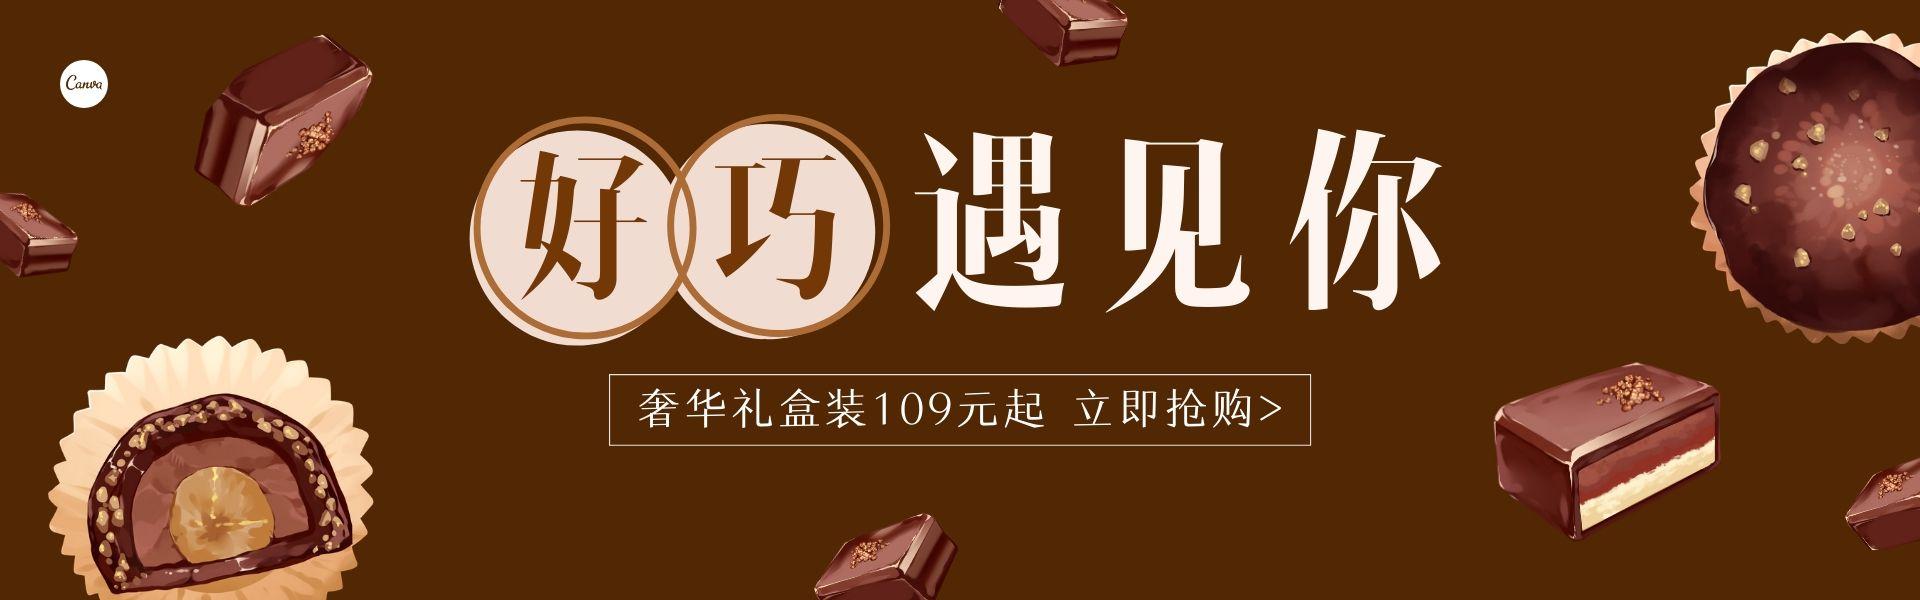 白色情人节电商Banner